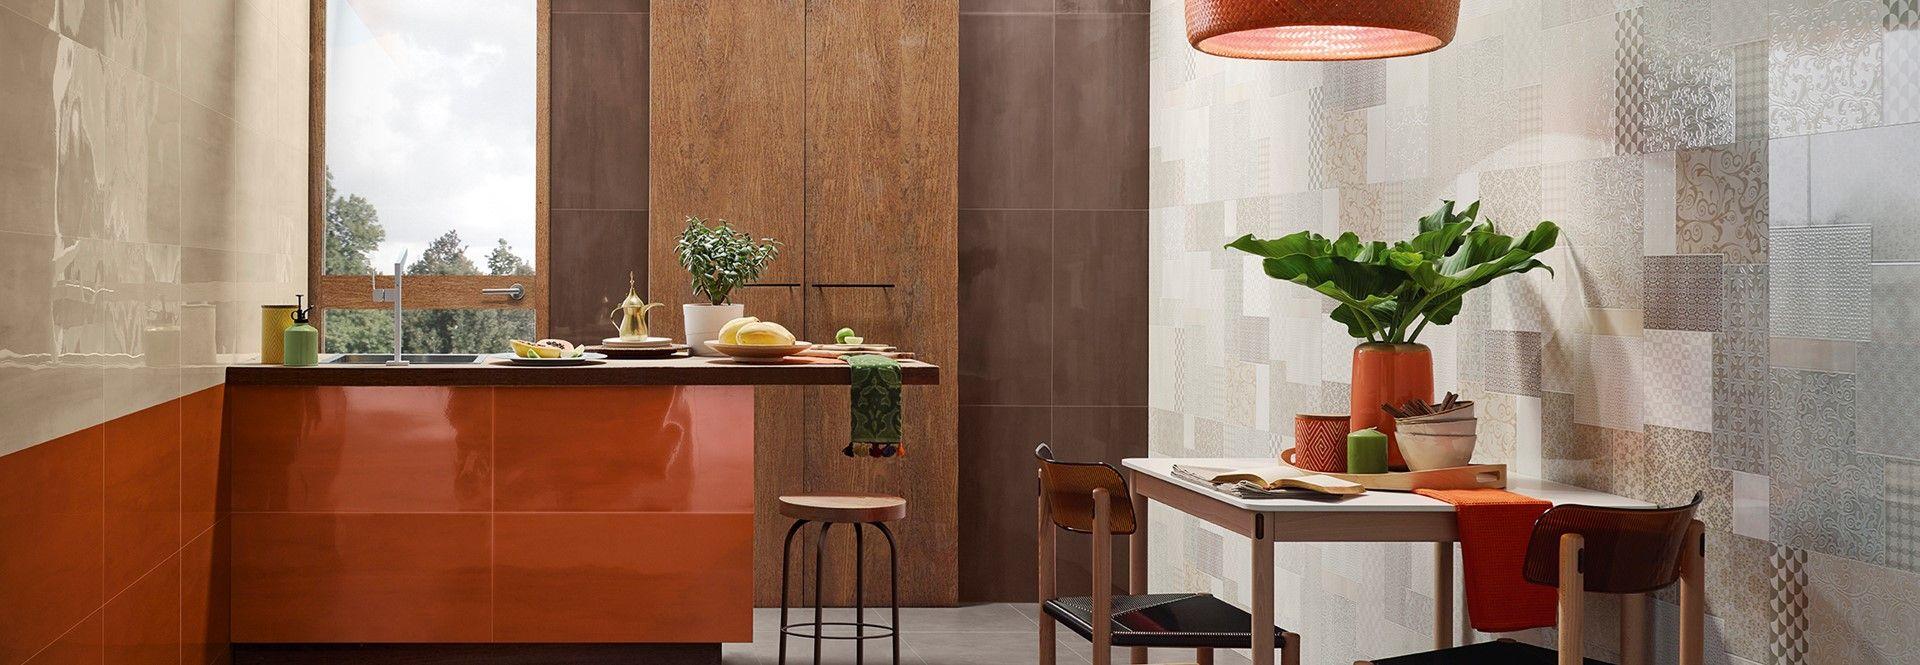 Aroma Papaya Smoothie Cozinha Amb02